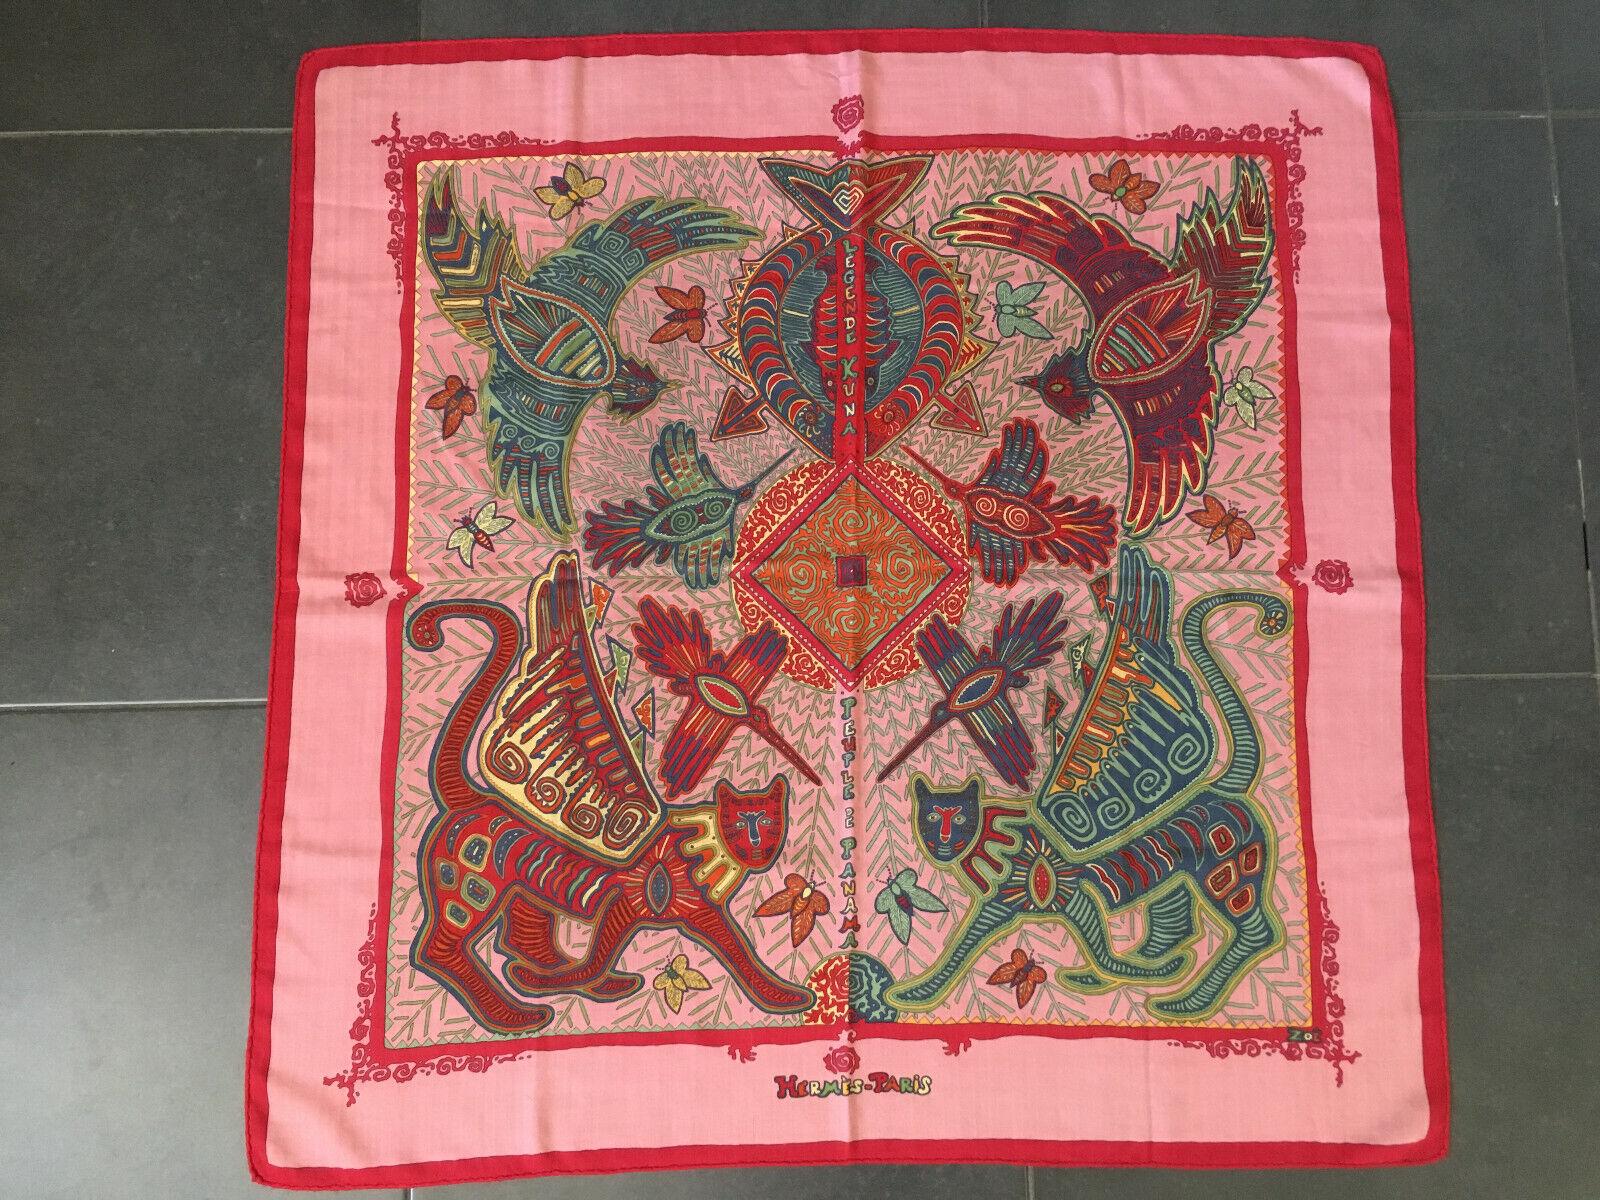 Foulard carré hermès en cachemire et soie - legende kuna peuple de panama 90 cm